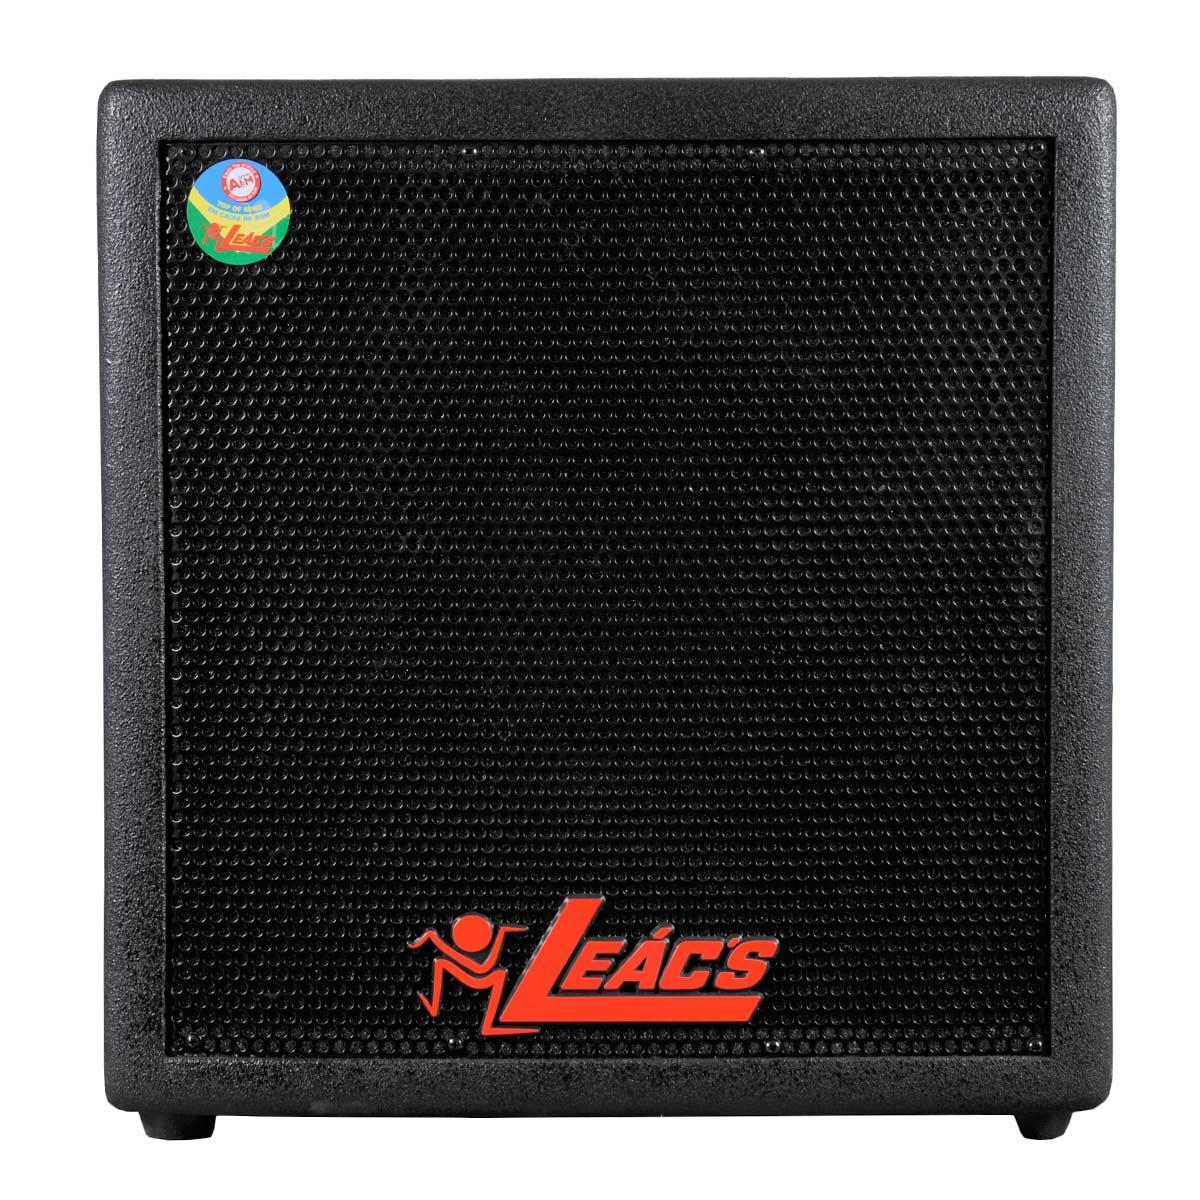 Caixa Acústica Leacs Ativa 600 W Rms Vip 600